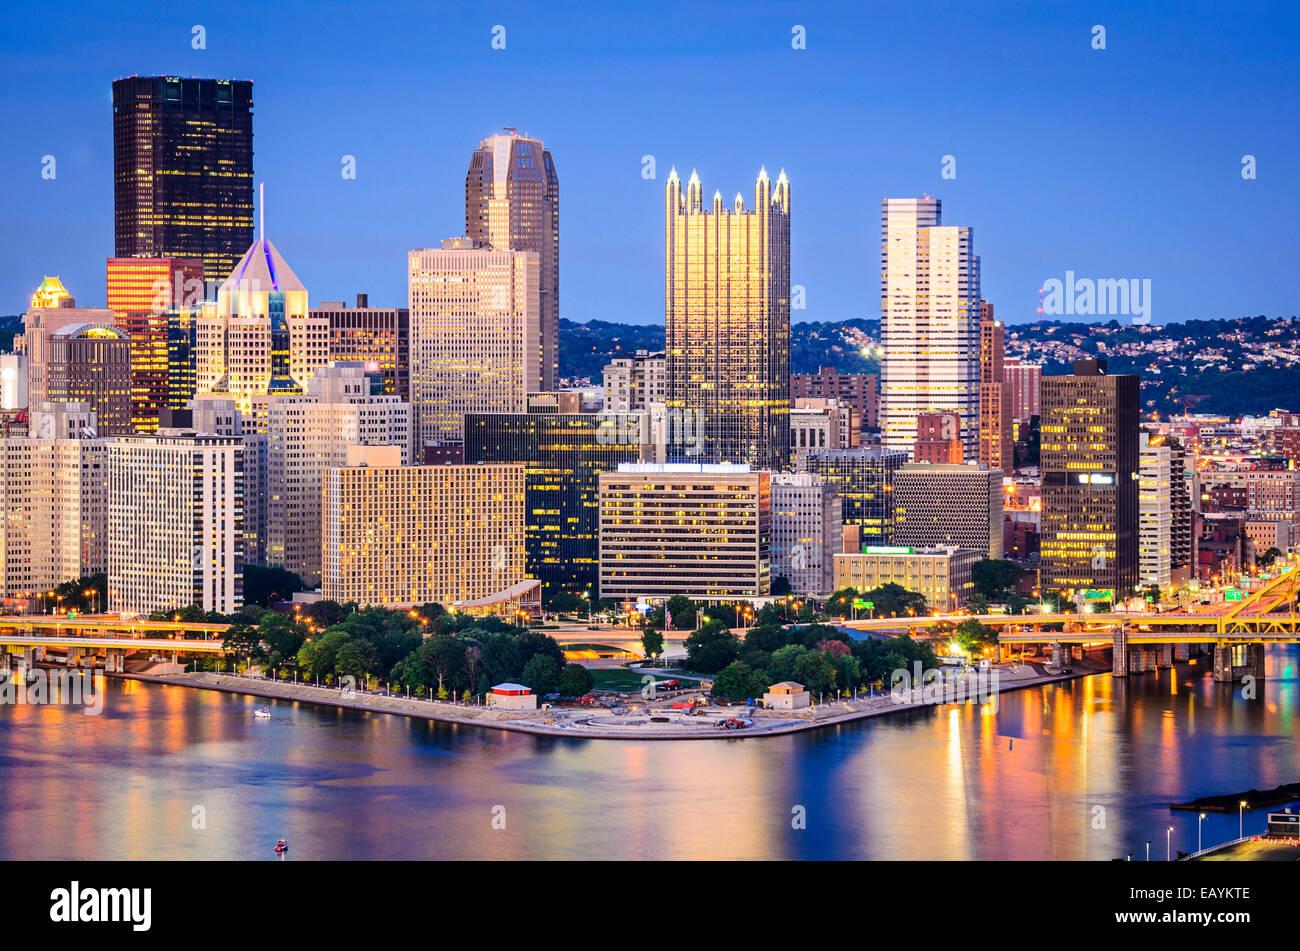 Pittsburgh, Pennsylvania, USA downtown skyline. - Stock Image